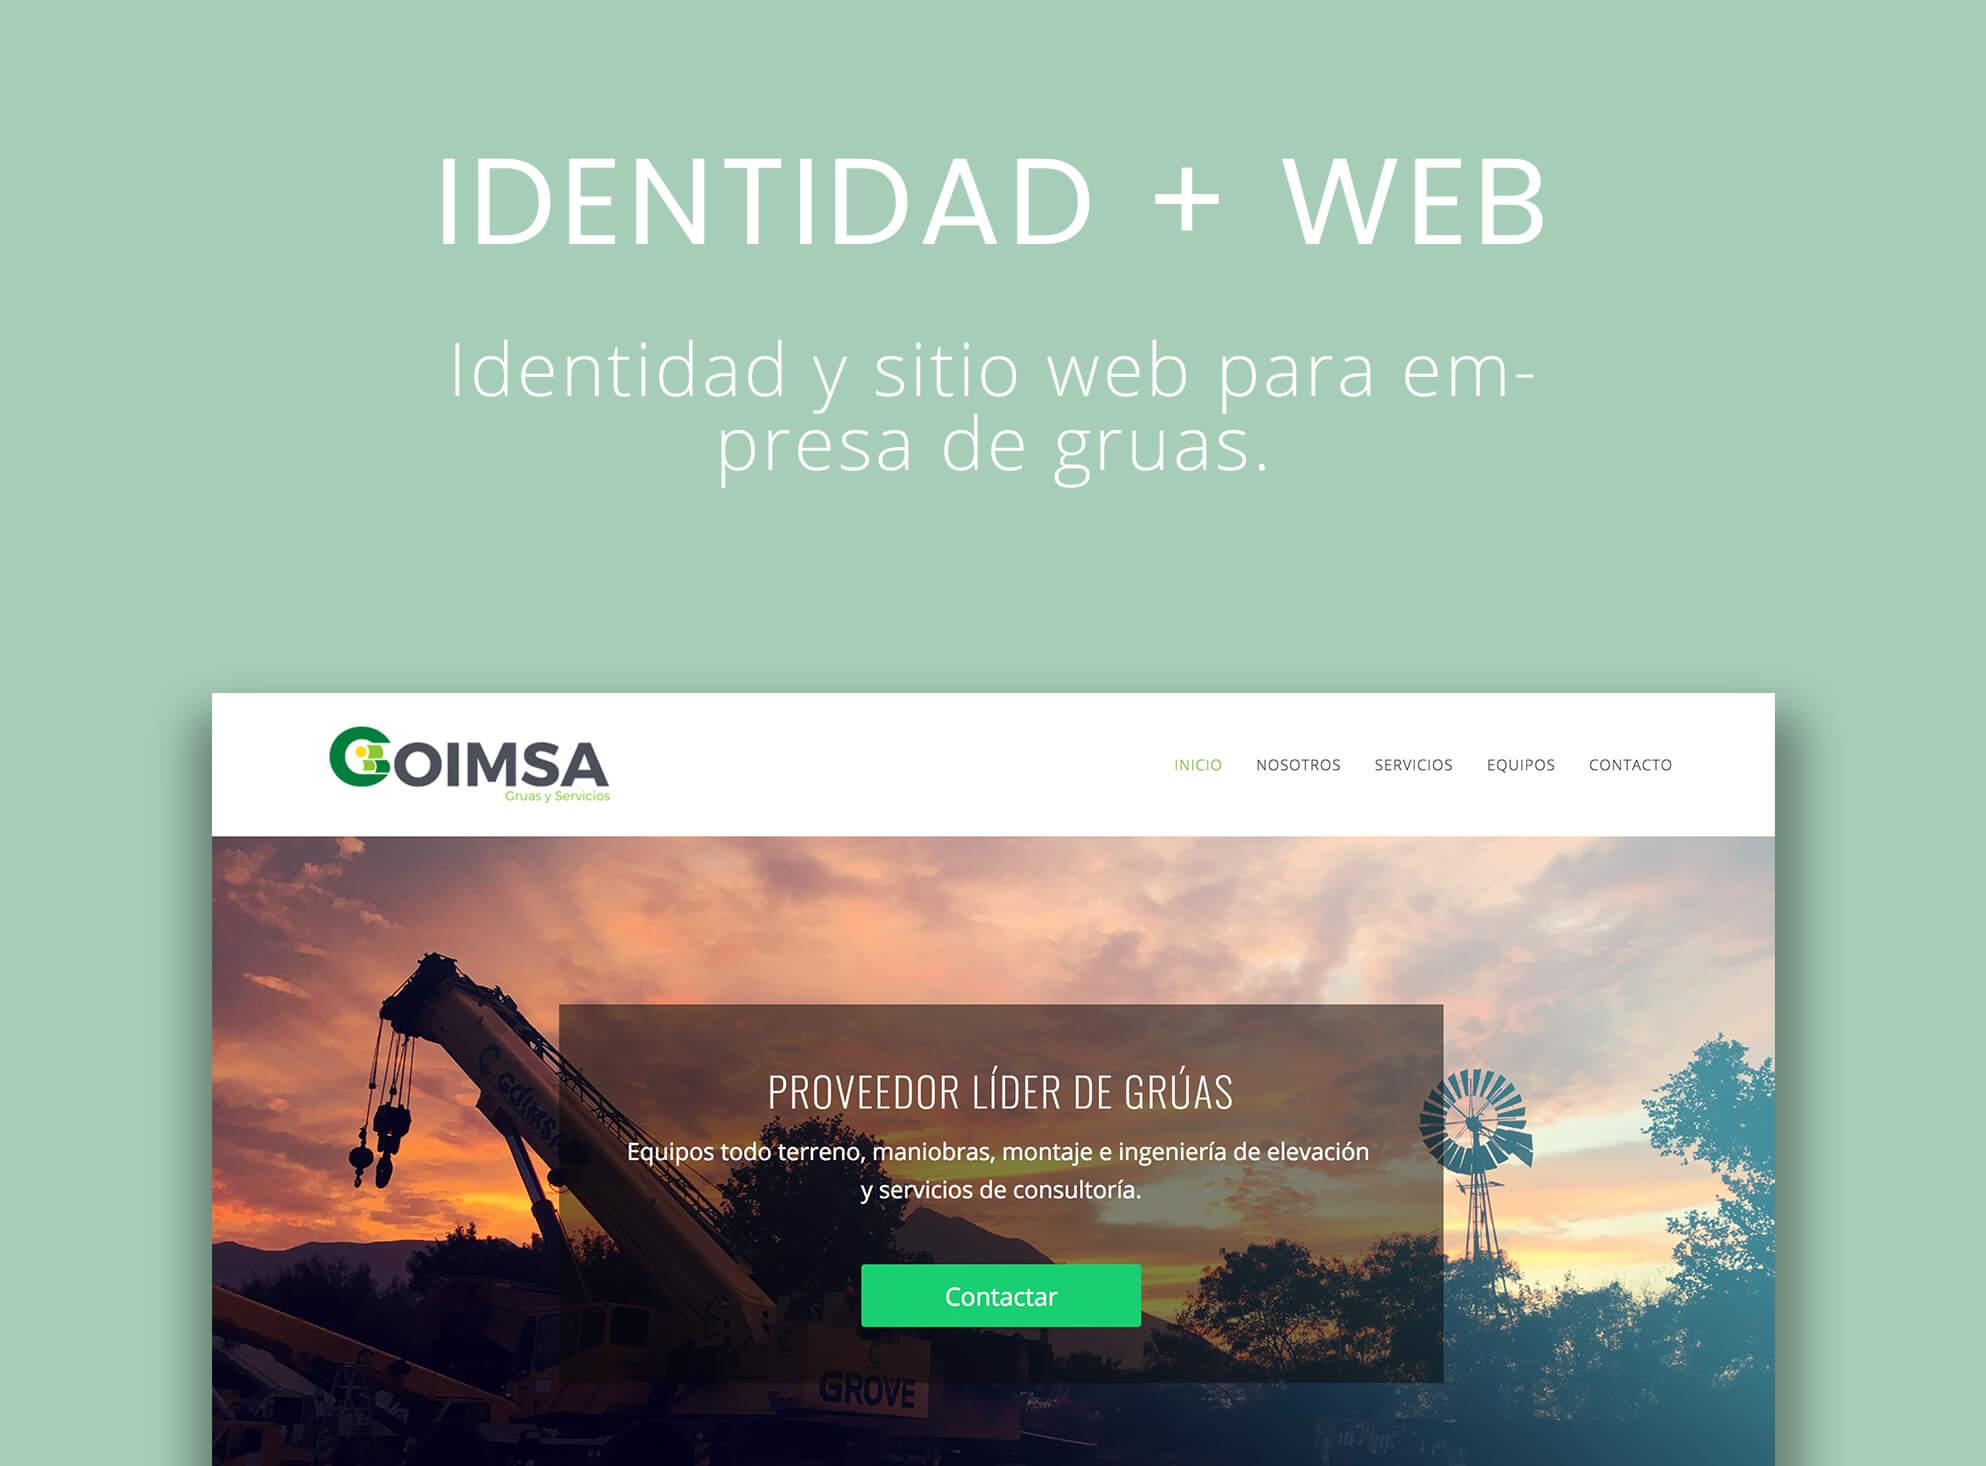 Goimsa